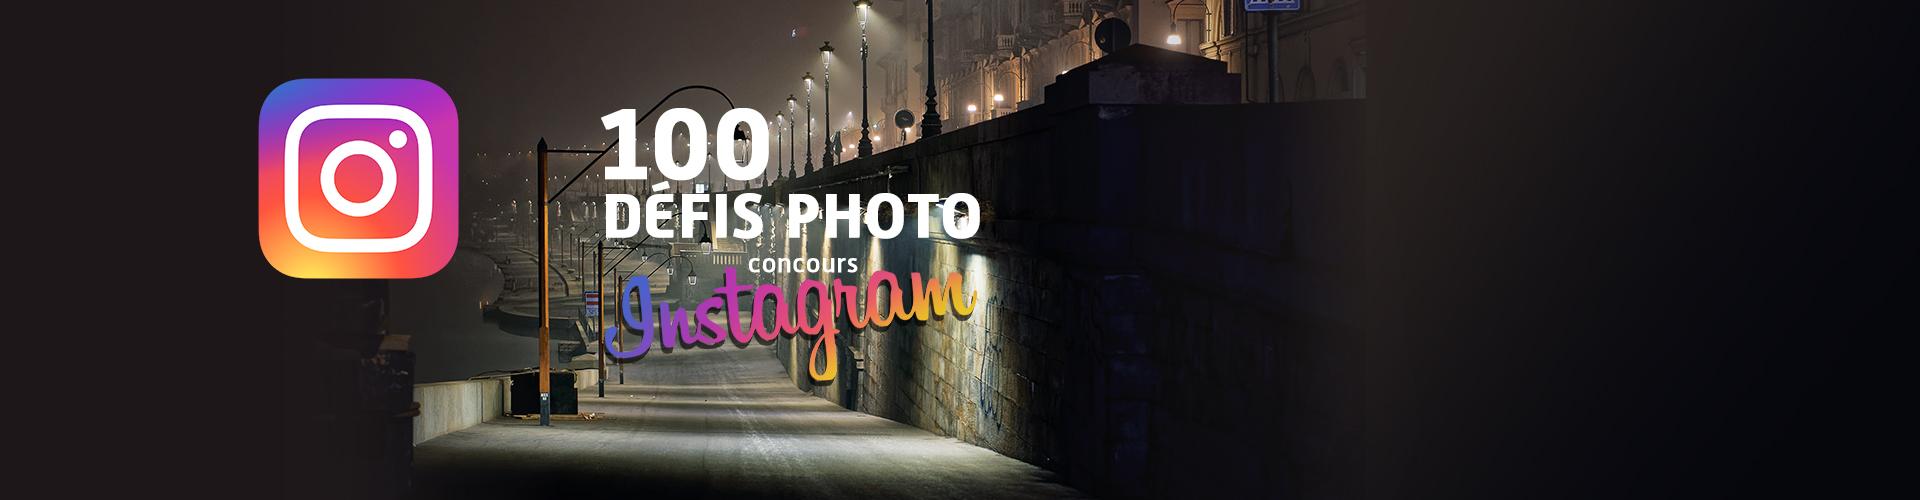 """Concours Instagram """"100 défis photo"""""""